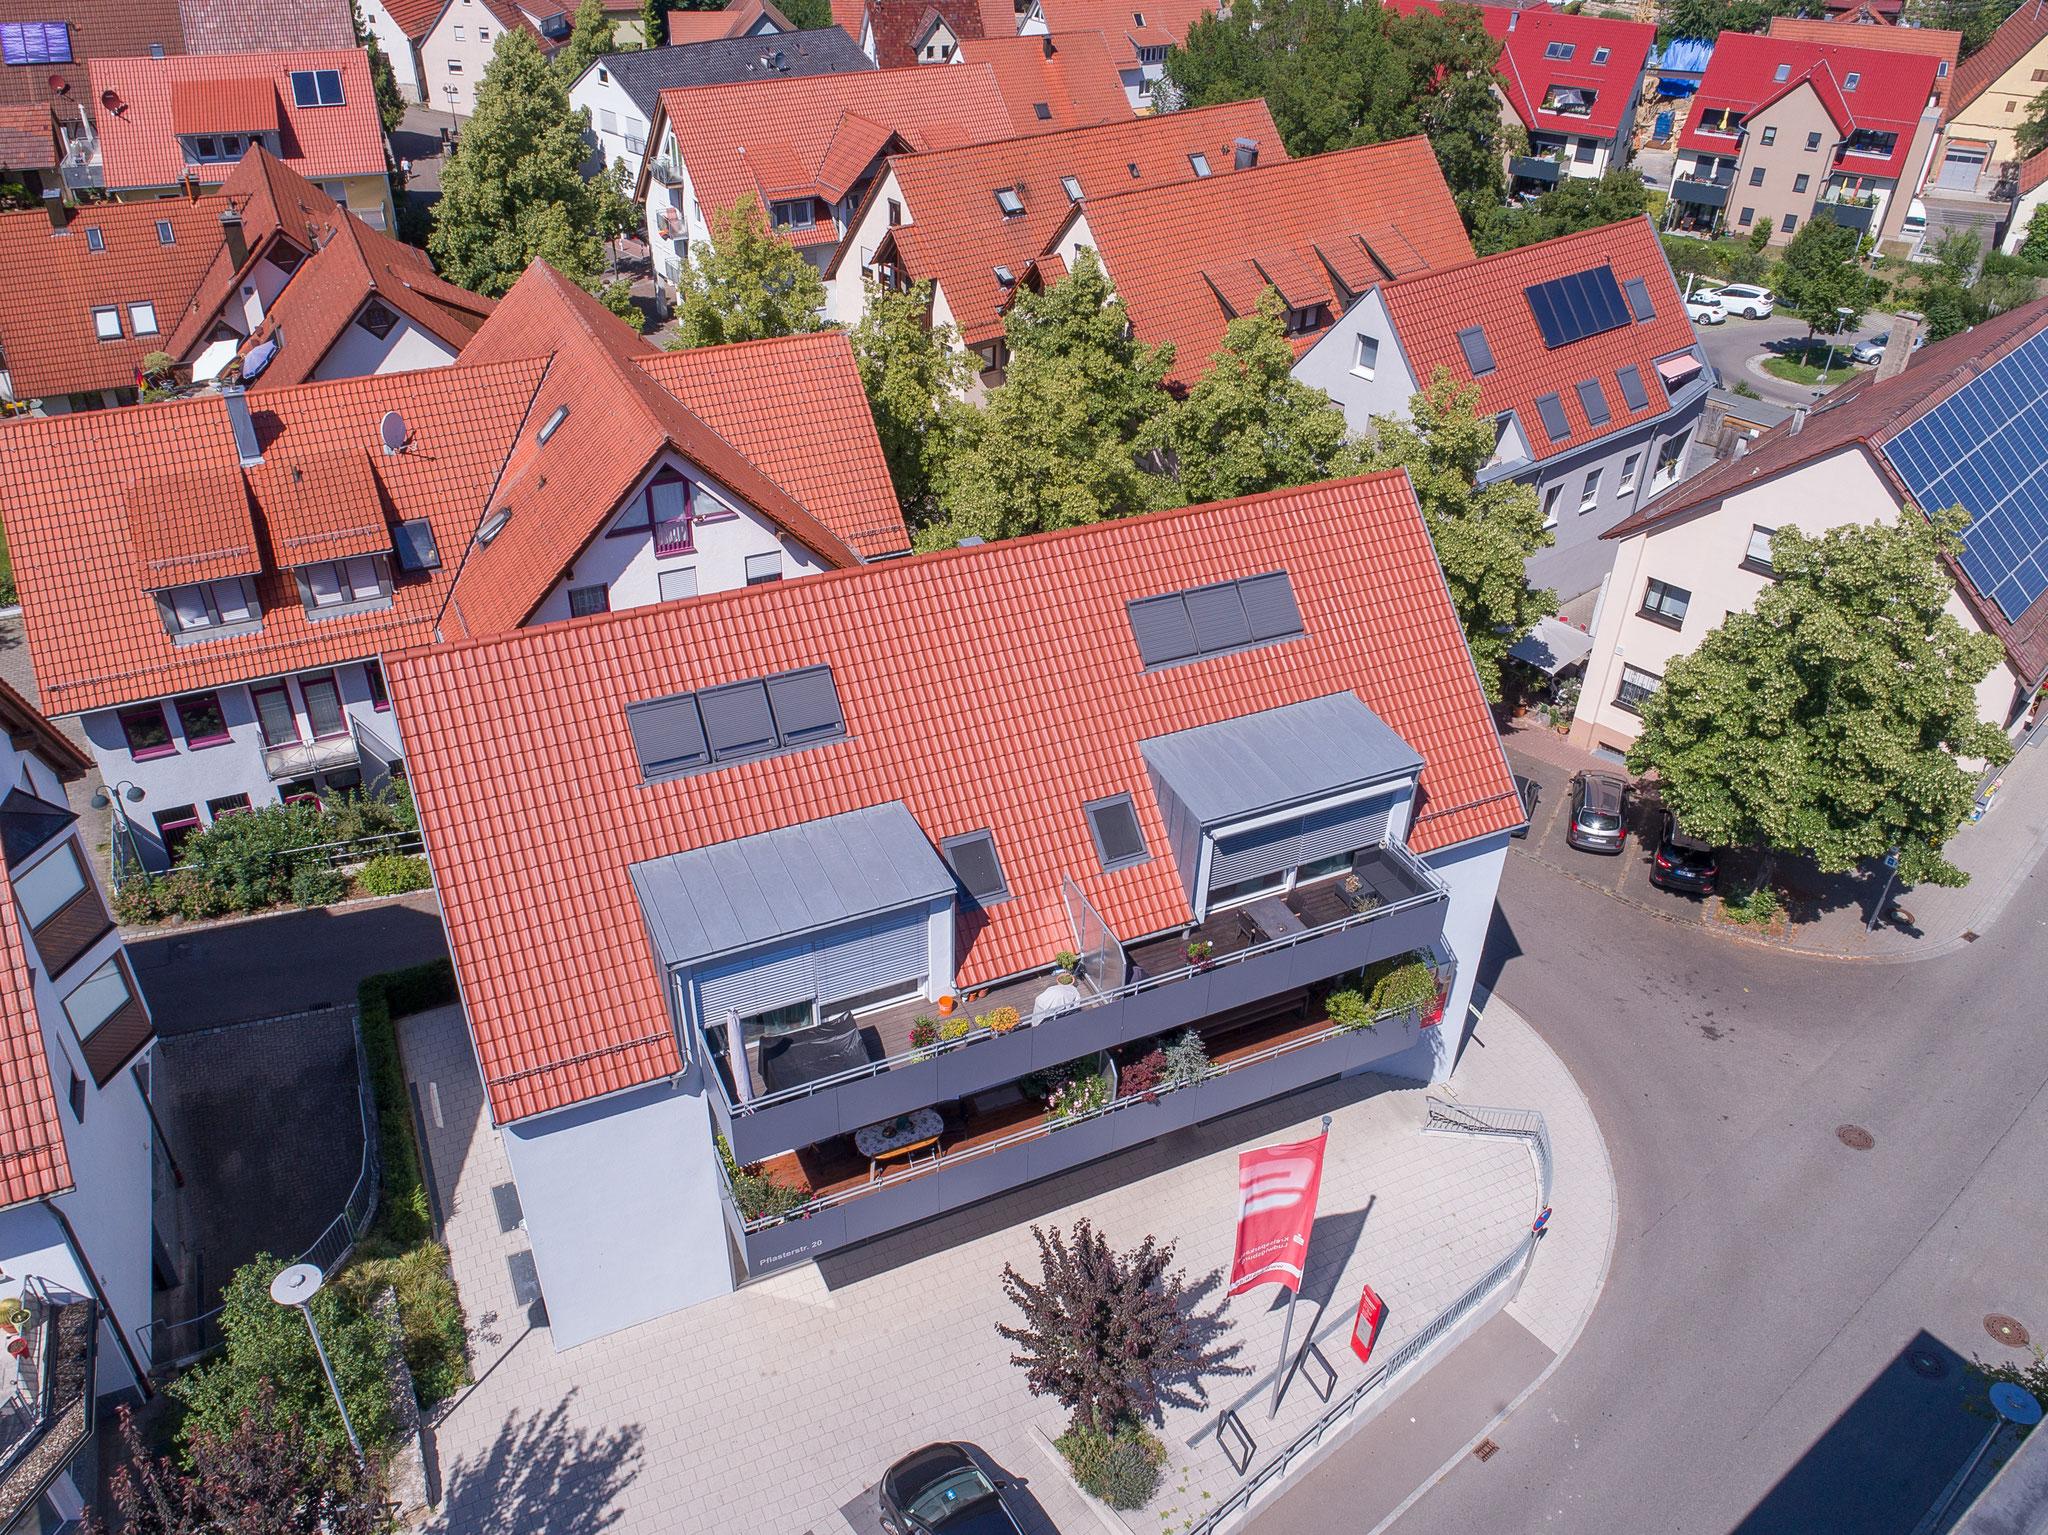 Wohn-und Geschäftsgebäude mit Tiefgarage Rohbauarbeiten